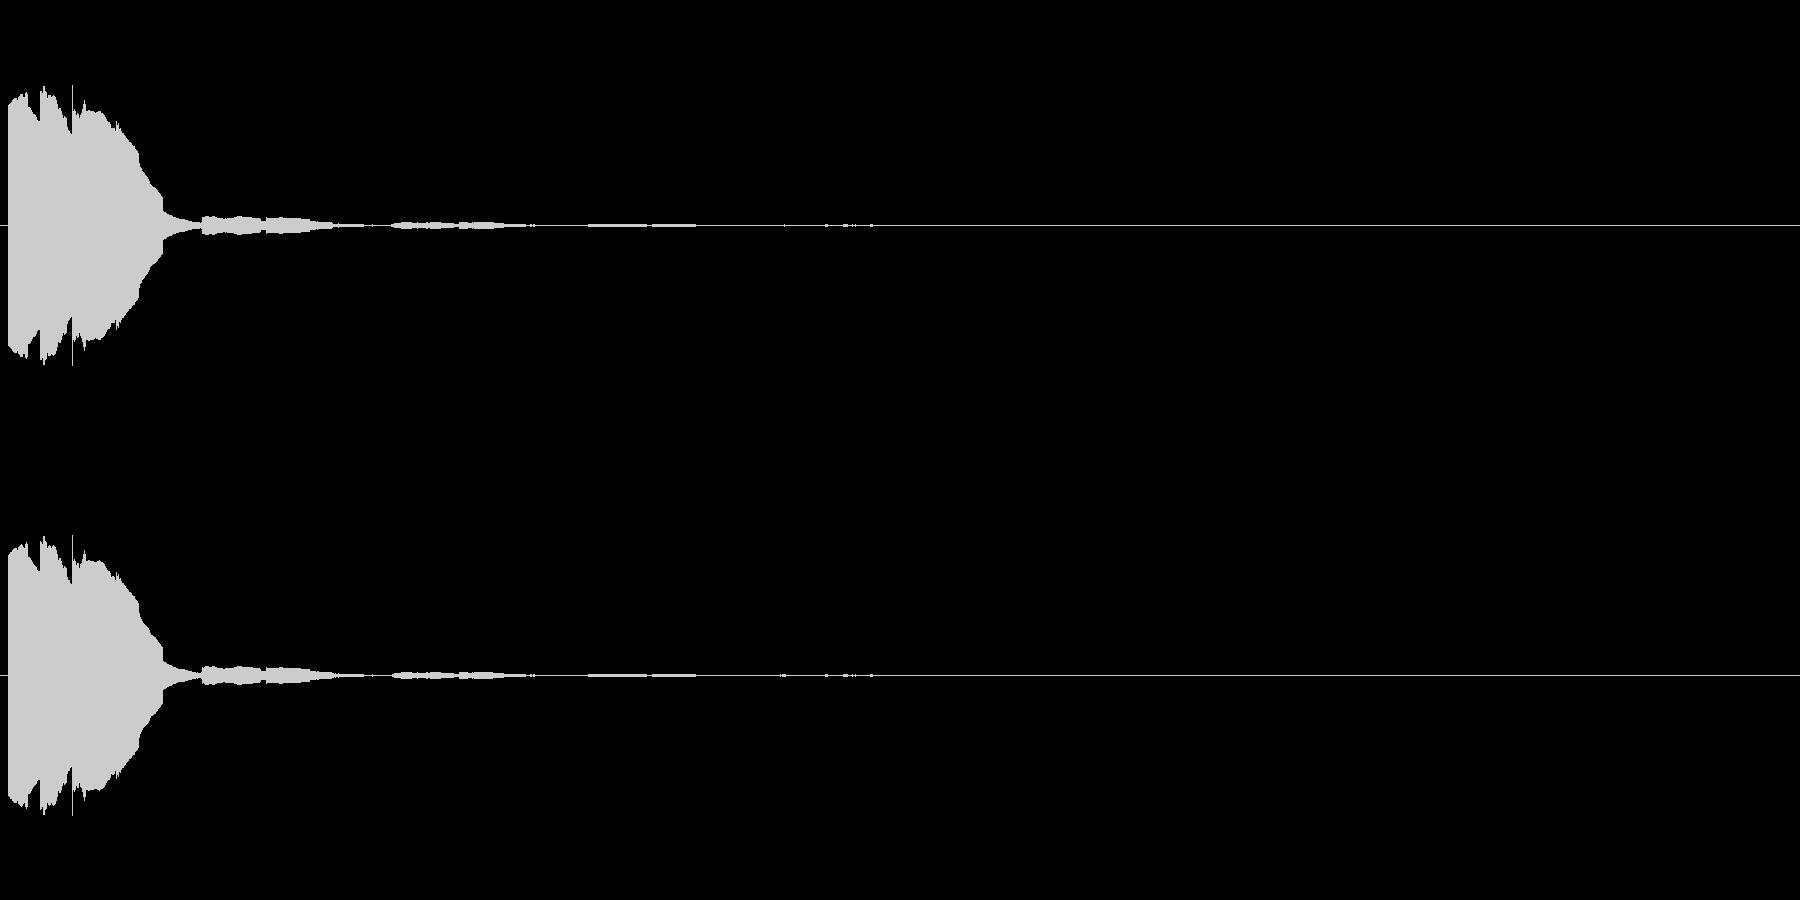 ピピピッ!(3連ビープ音未来的)Bの未再生の波形